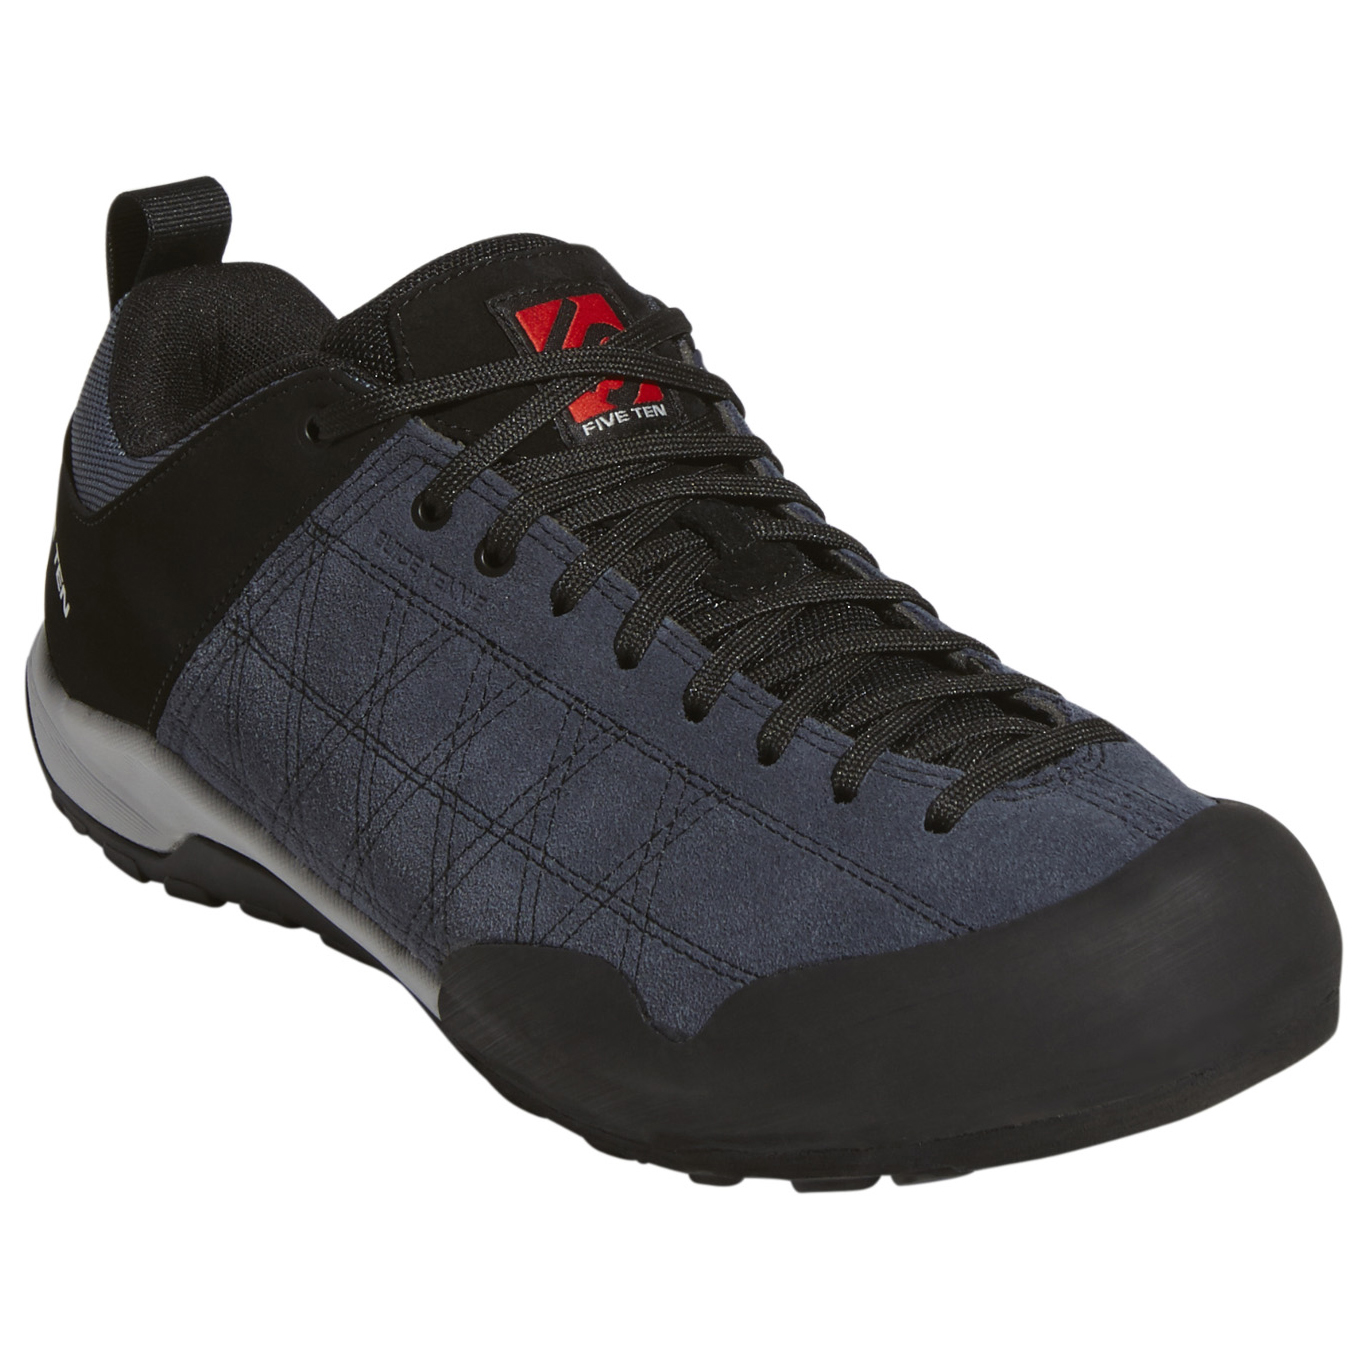 comprar el más nuevo Código promocional zapatos para baratas Five Ten - Guide Tennie - Zapatillas de aproximación - Utility Blue / Core  Black / Red | 6,5 (UK)